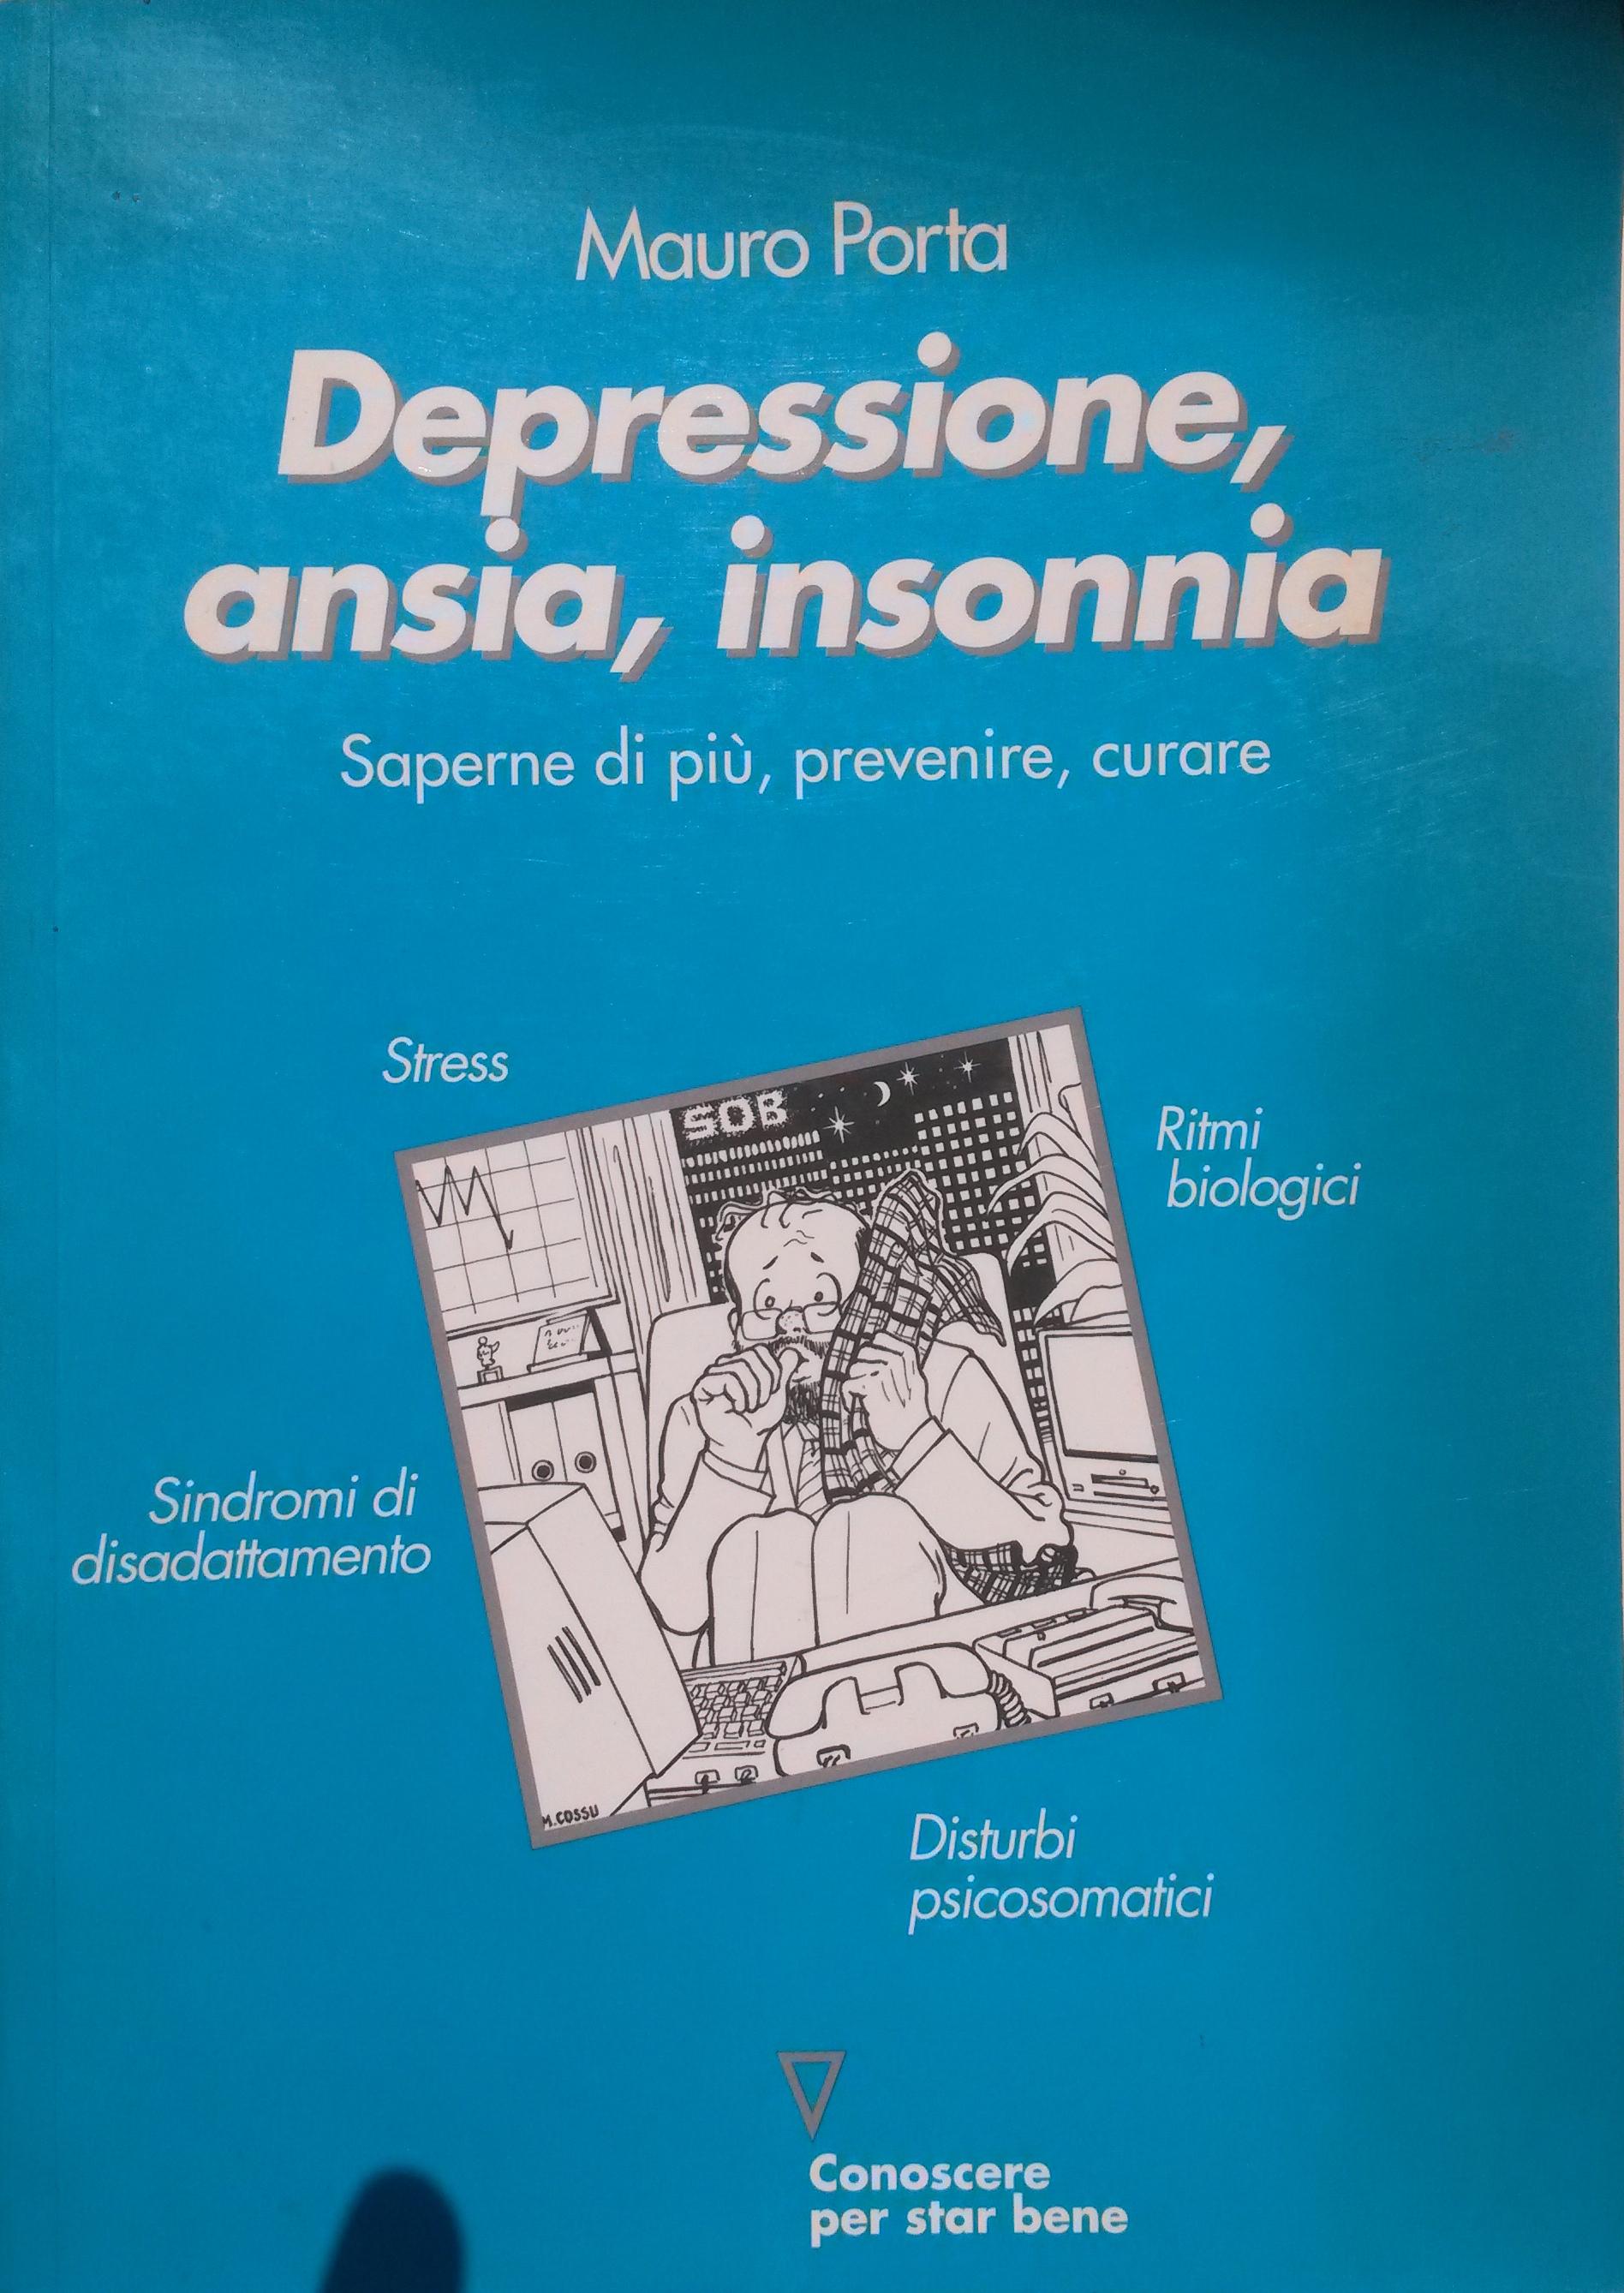 Depressione, ansia, insonnia